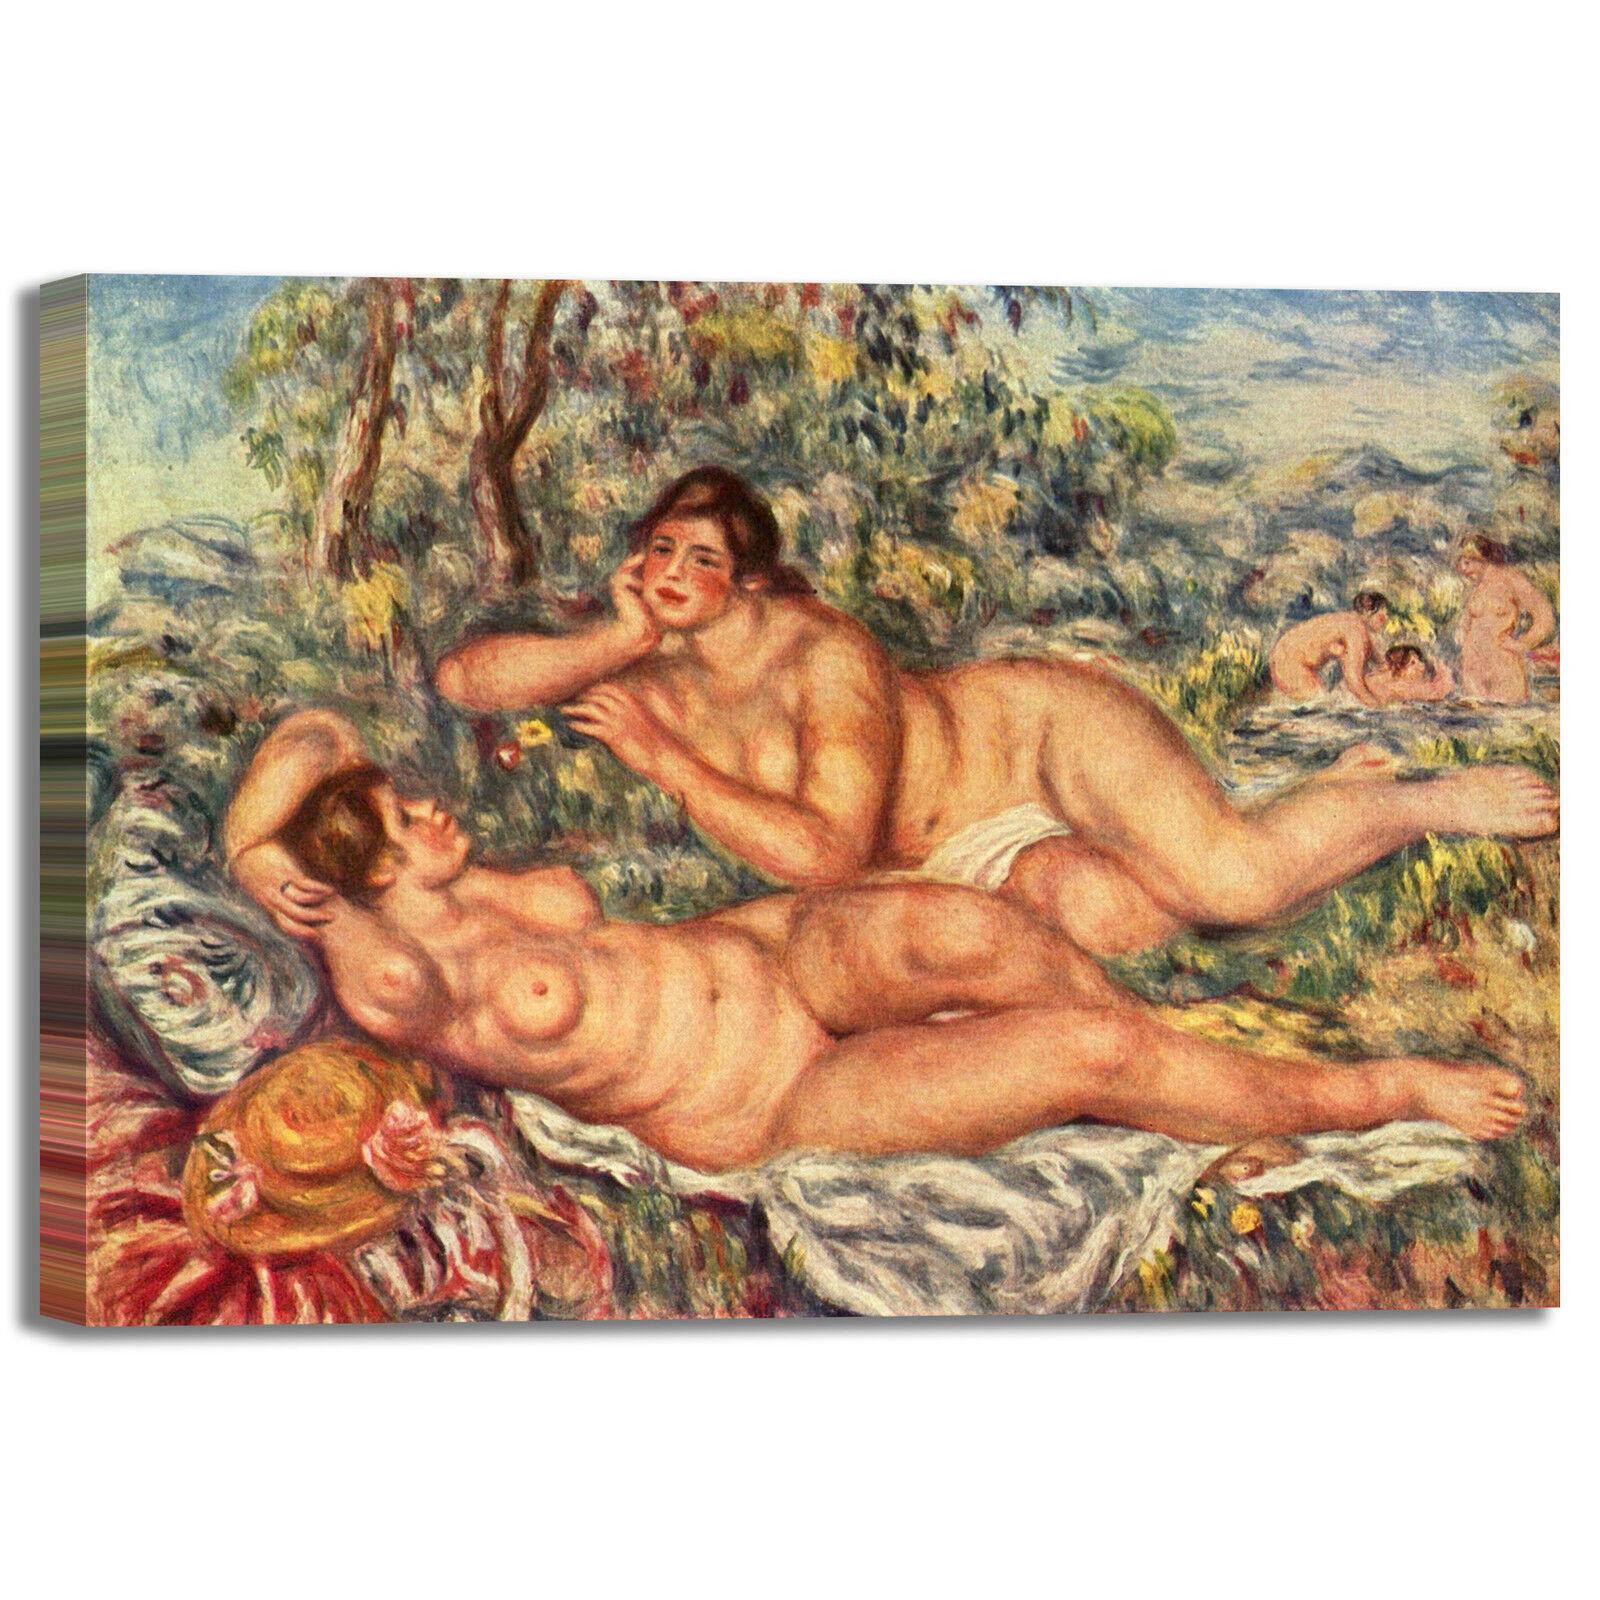 Renoir le bagnanti telaio design quadro stampa tela dipinto telaio bagnanti arRouge o casa 901082